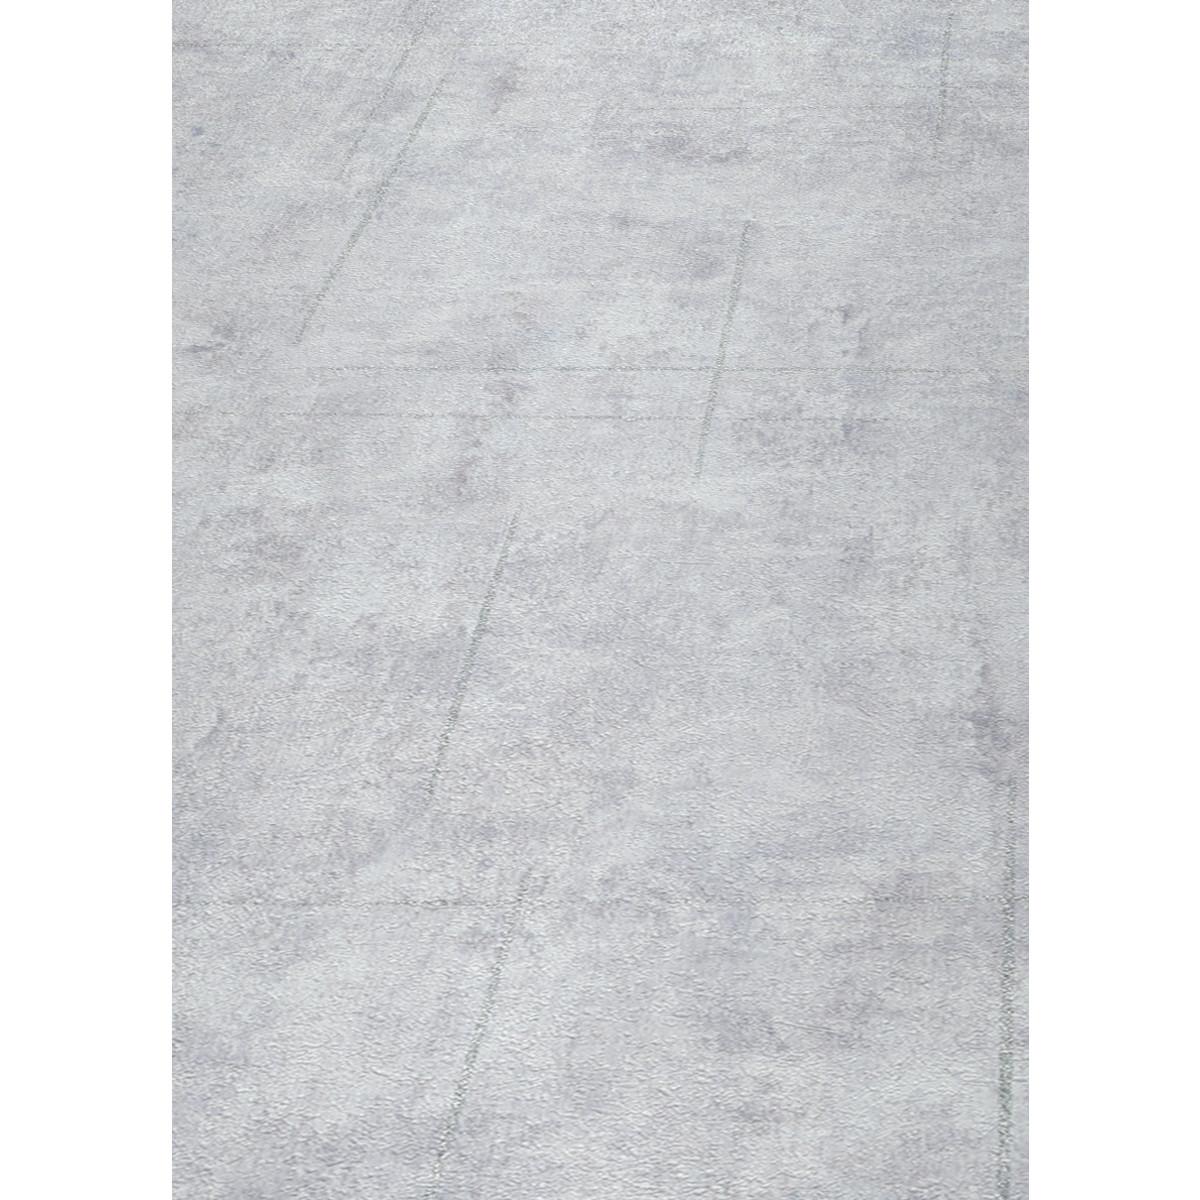 Обои флизелиновые Erismann серые 0.53 м 10006-31